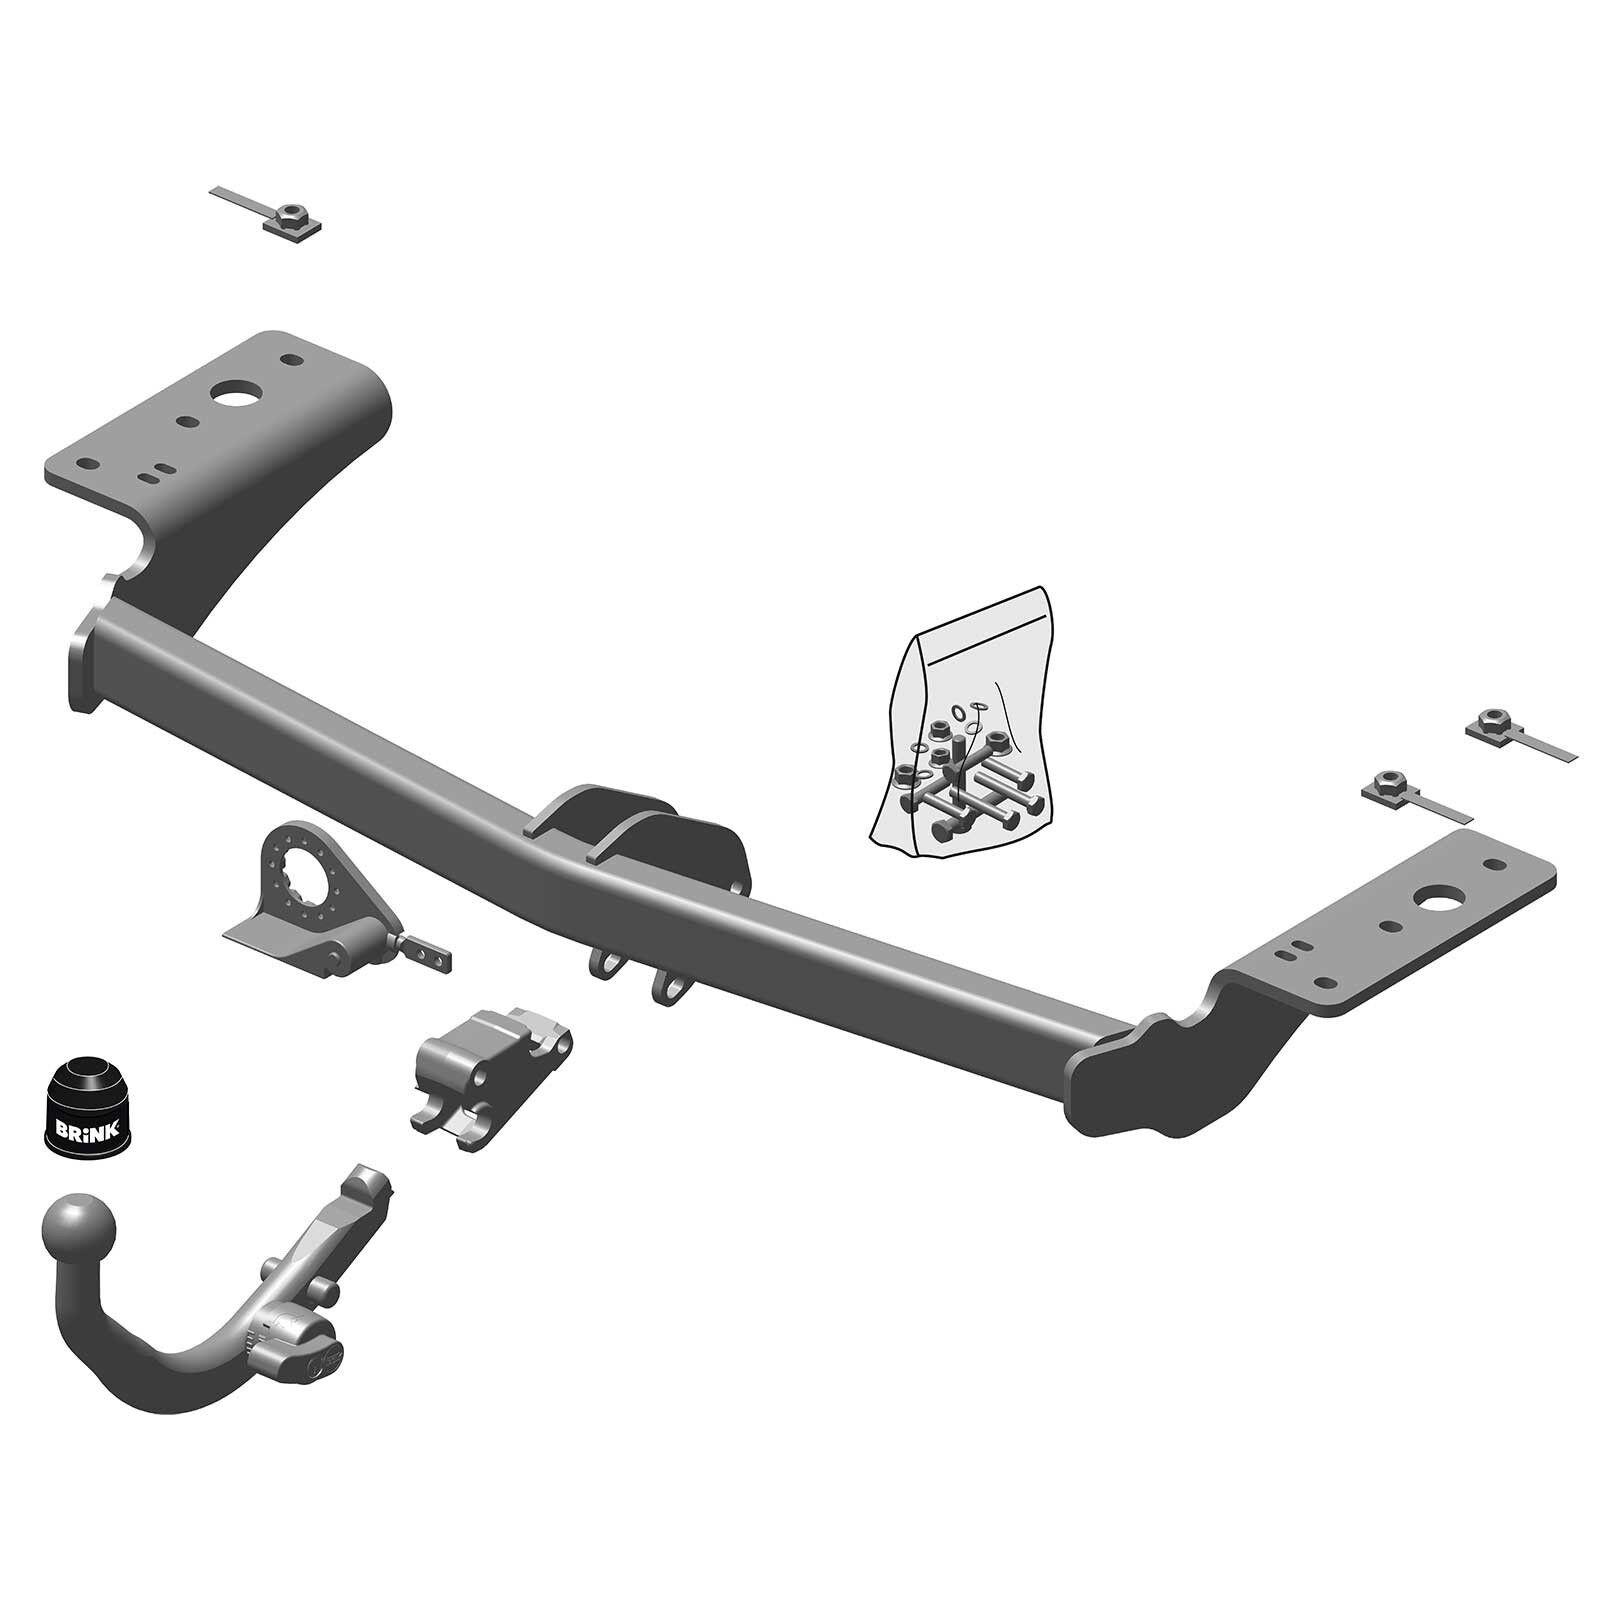 Brink Towbar for Chrysler 300C Saloon 2004-2010 - Detachable Tow Bar 8712762043790 | eBay